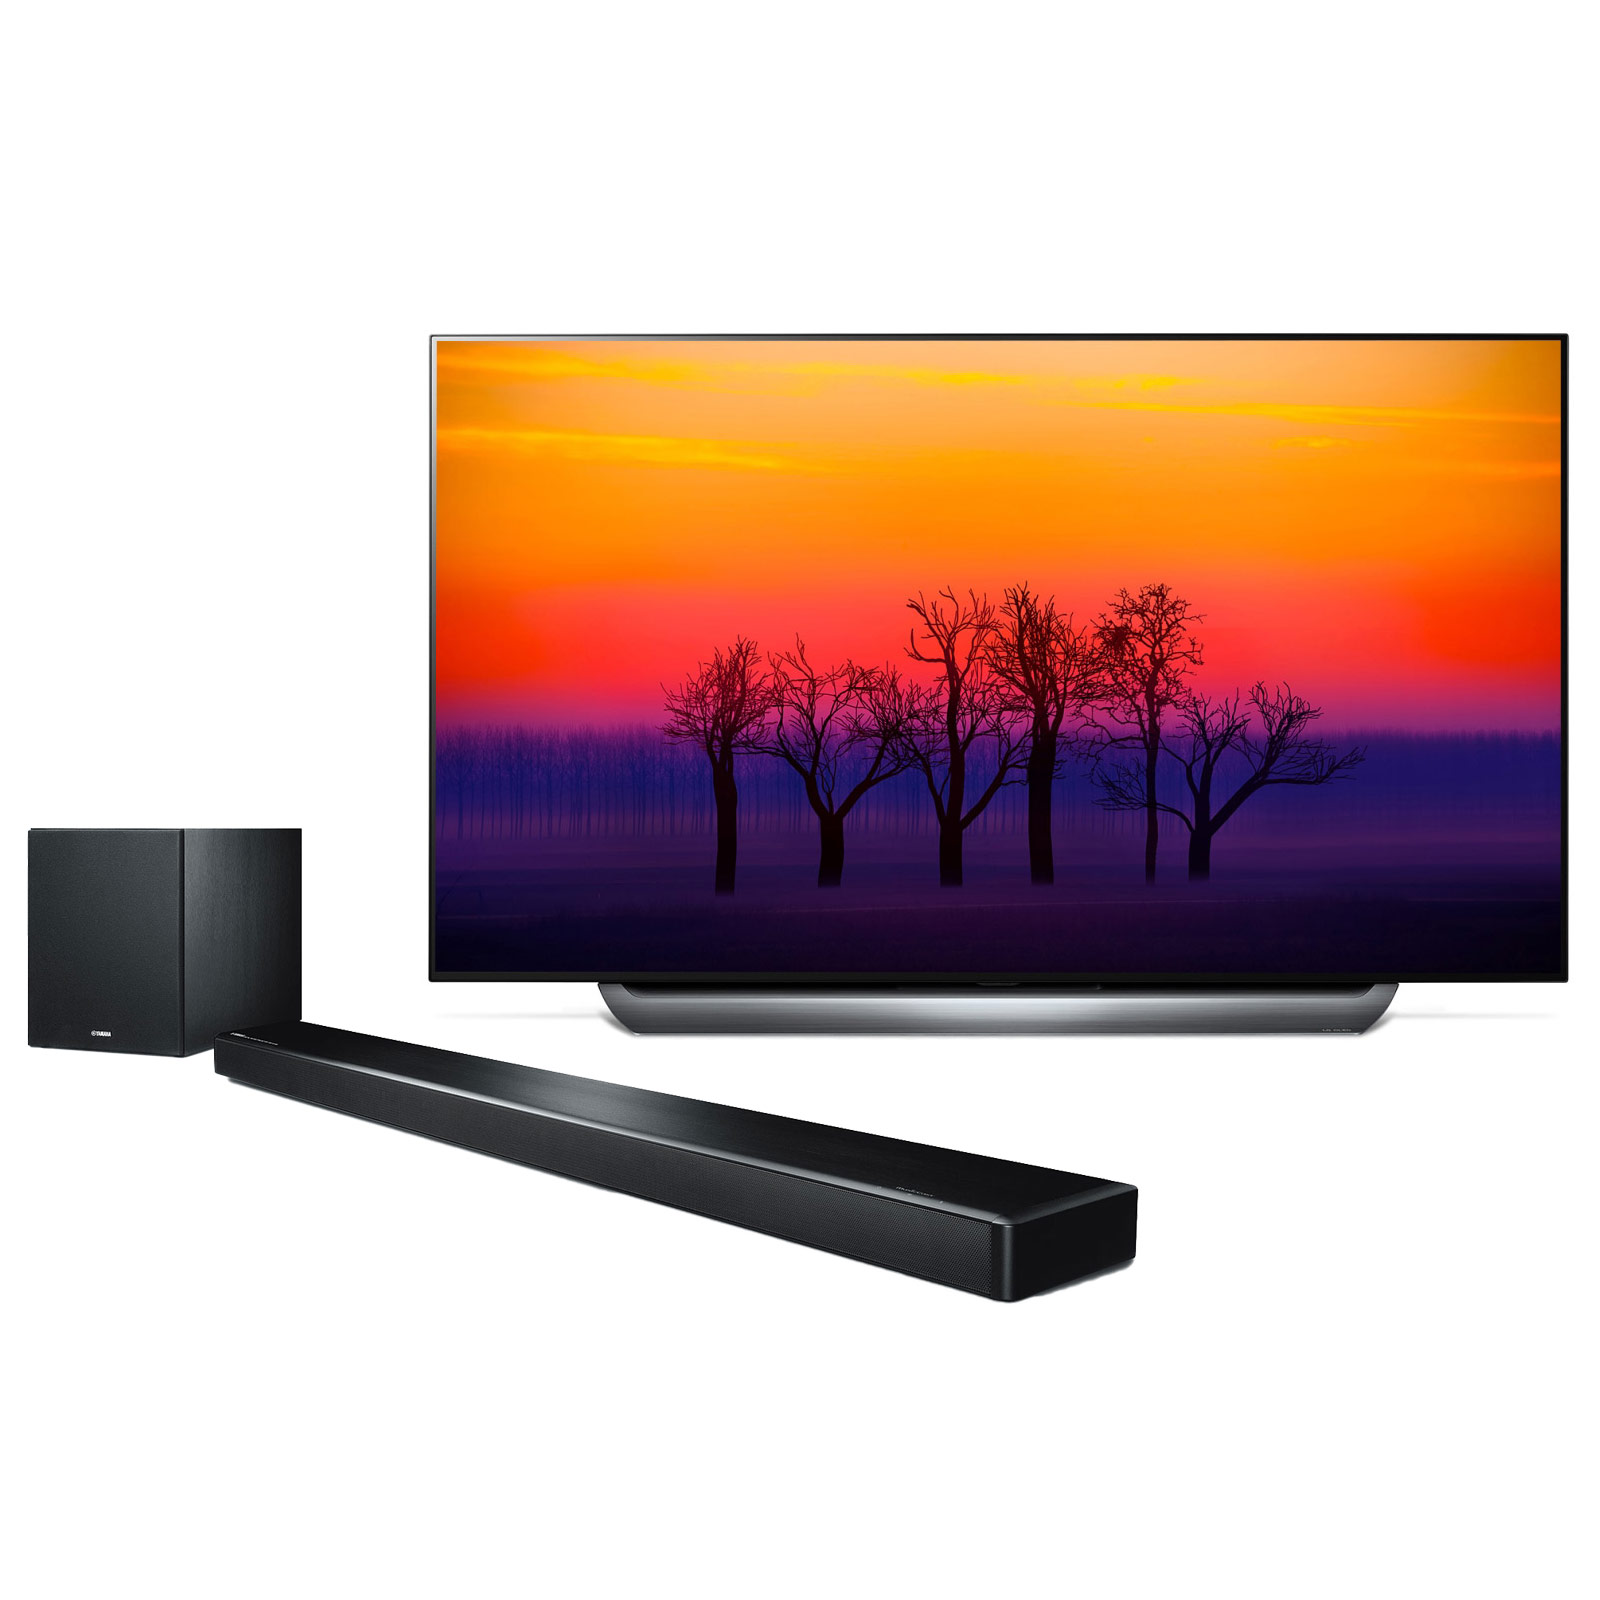 """TV LG OLED65C8 + Yamaha MusicCast YSP-2700 Noir Téléviseur OLED 4K 65"""" (165 cm) 16/9 - 3840 x 2160 pixels - Ultra HD 2160p - HDR - Wi-Fi - Bluetooth - Dolby Atmos (dalle native 100 Hz) + Barre de son multiroom 7.1 avec caisson de basses sans fil, HDMI 2.0 4K et Bluetooth avec MusicCast"""